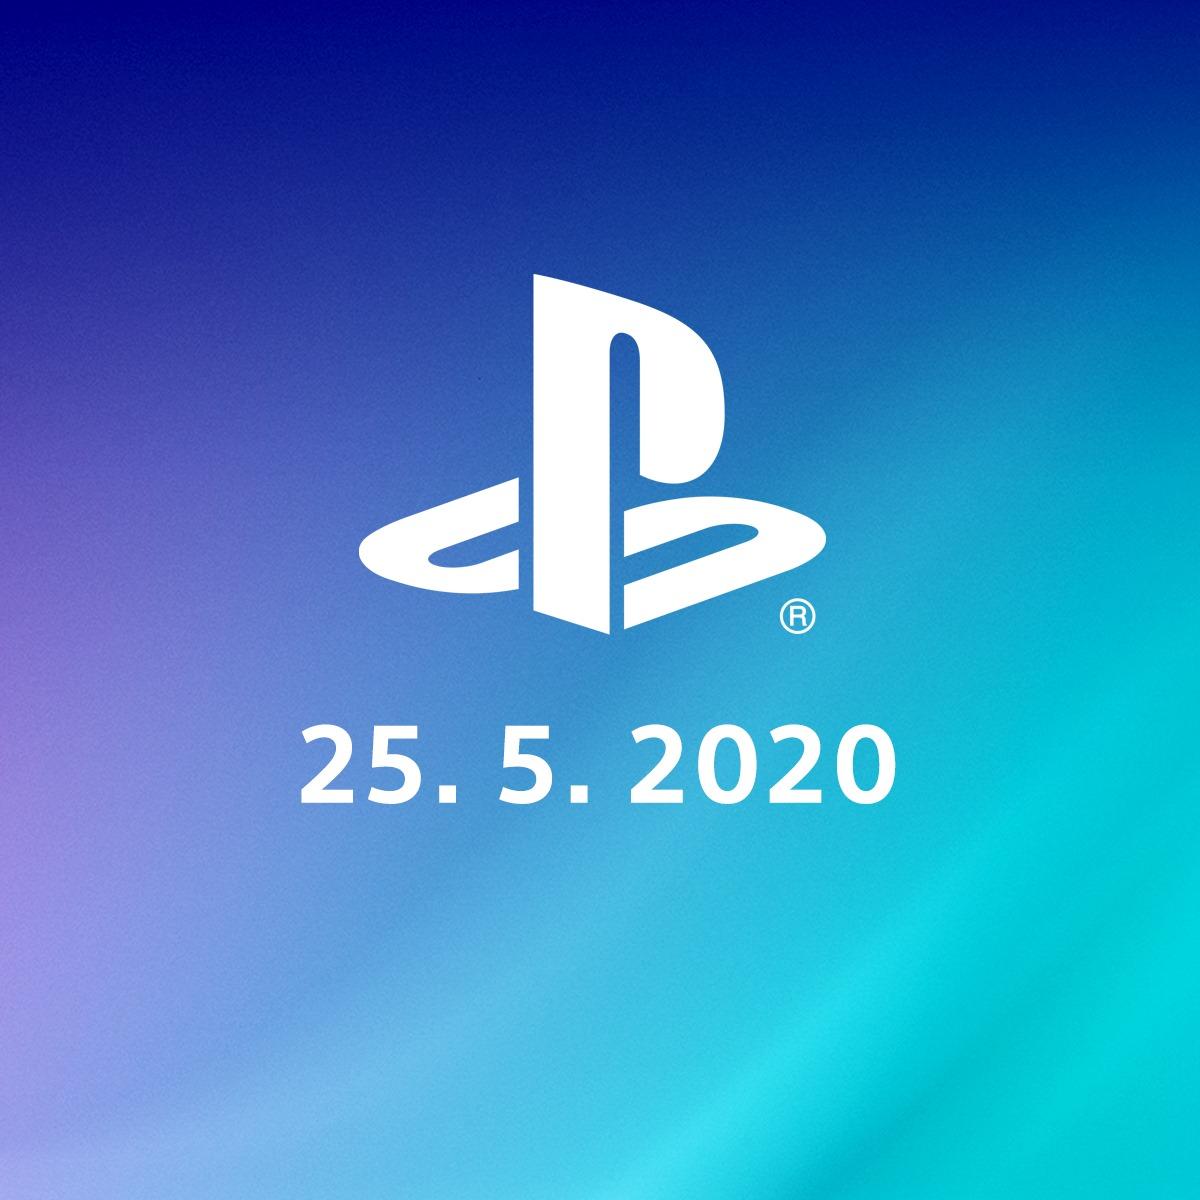 Potvrzeno: PlayStation akce Days of Play od příštího týdne Playstation play